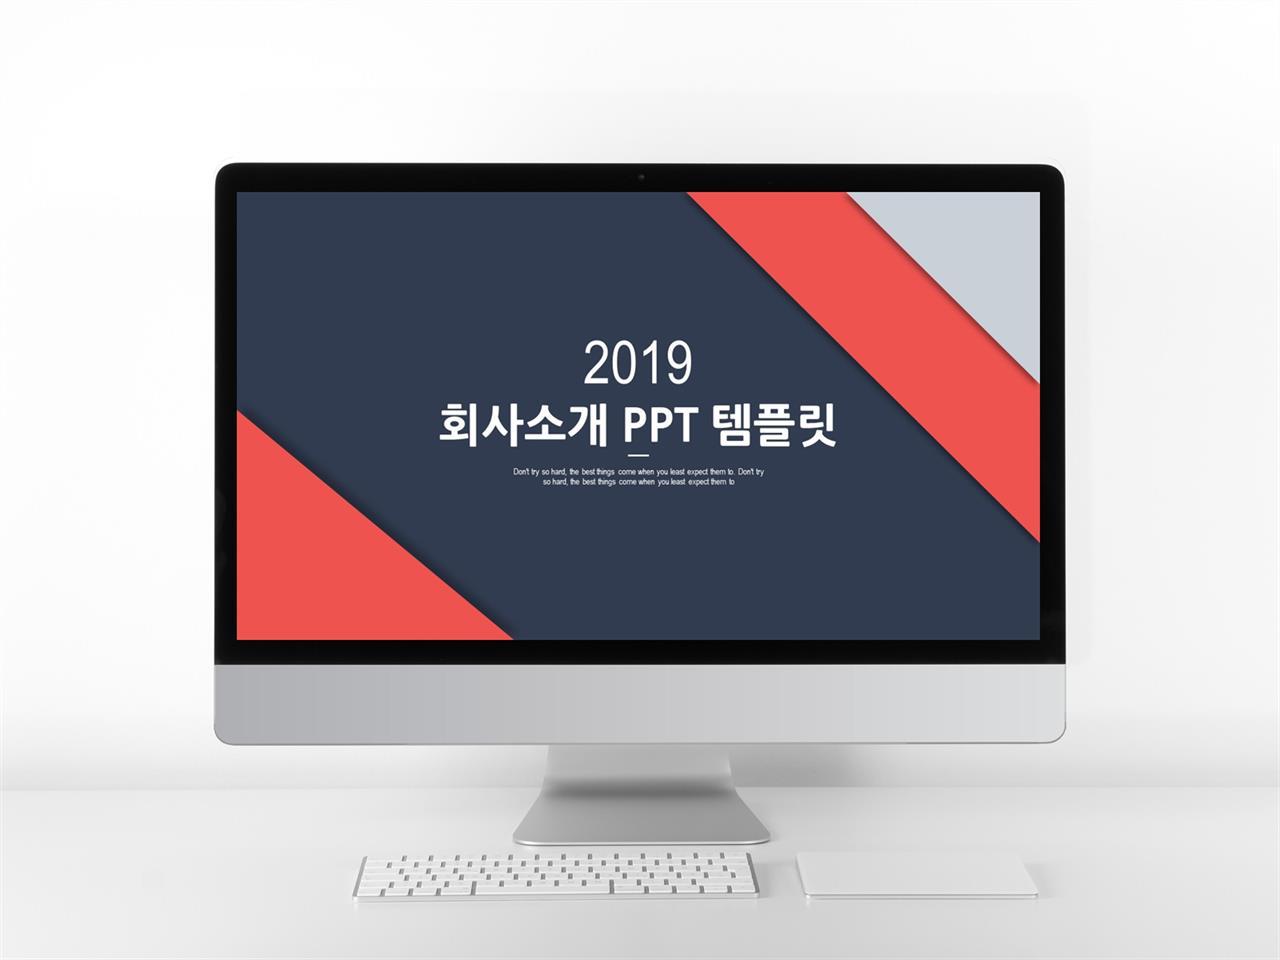 홍보마케팅 붉은색 짙은 멋진 파워포인트배경 다운로드 미리보기